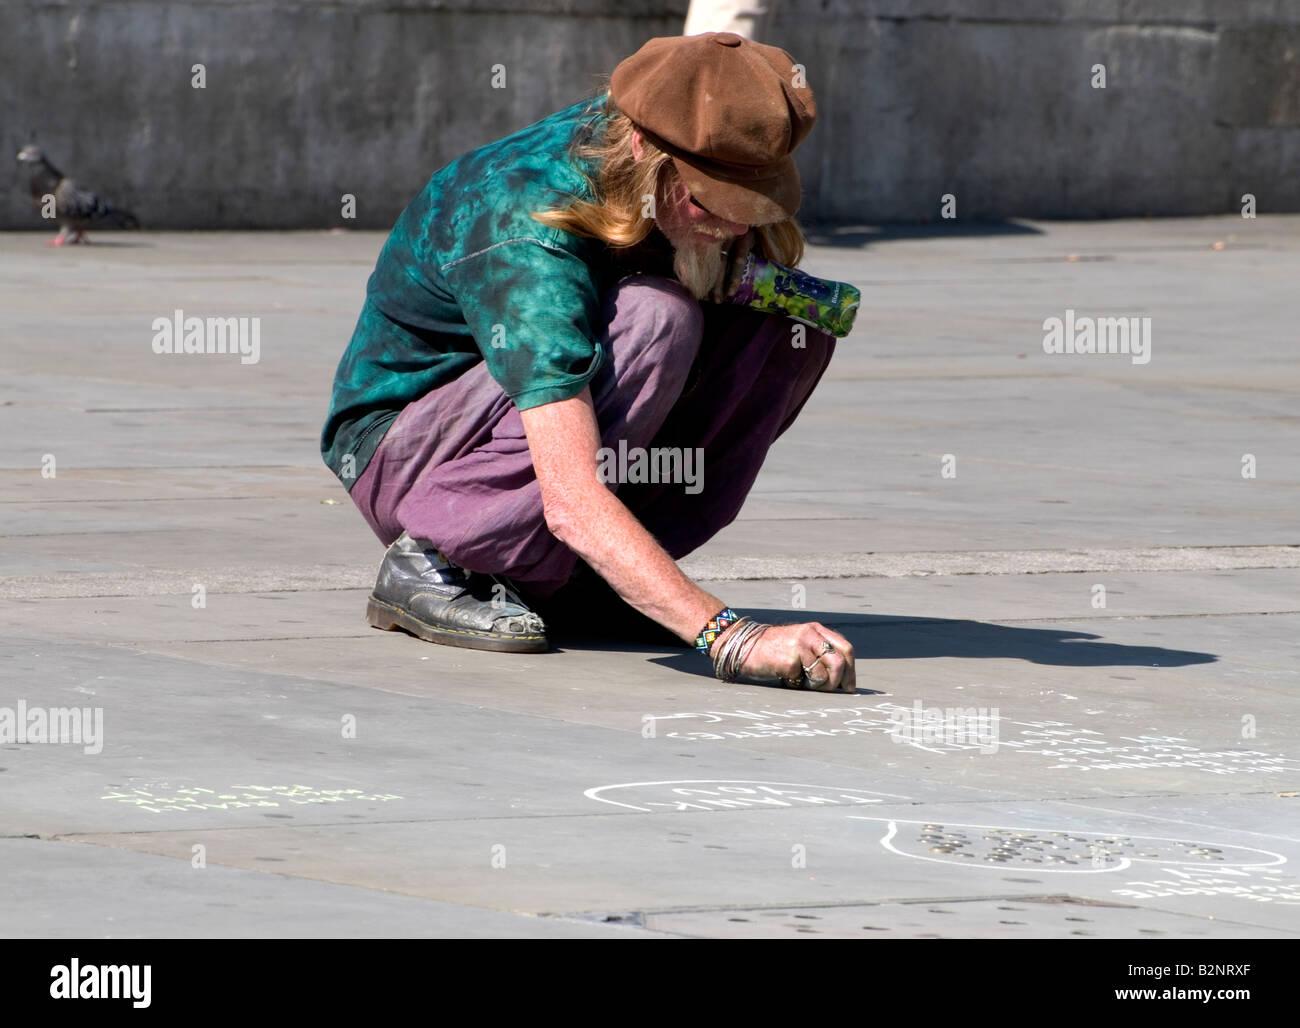 Artiste de rue dimensions à Trafalgar Square, Londres Banque D'Images